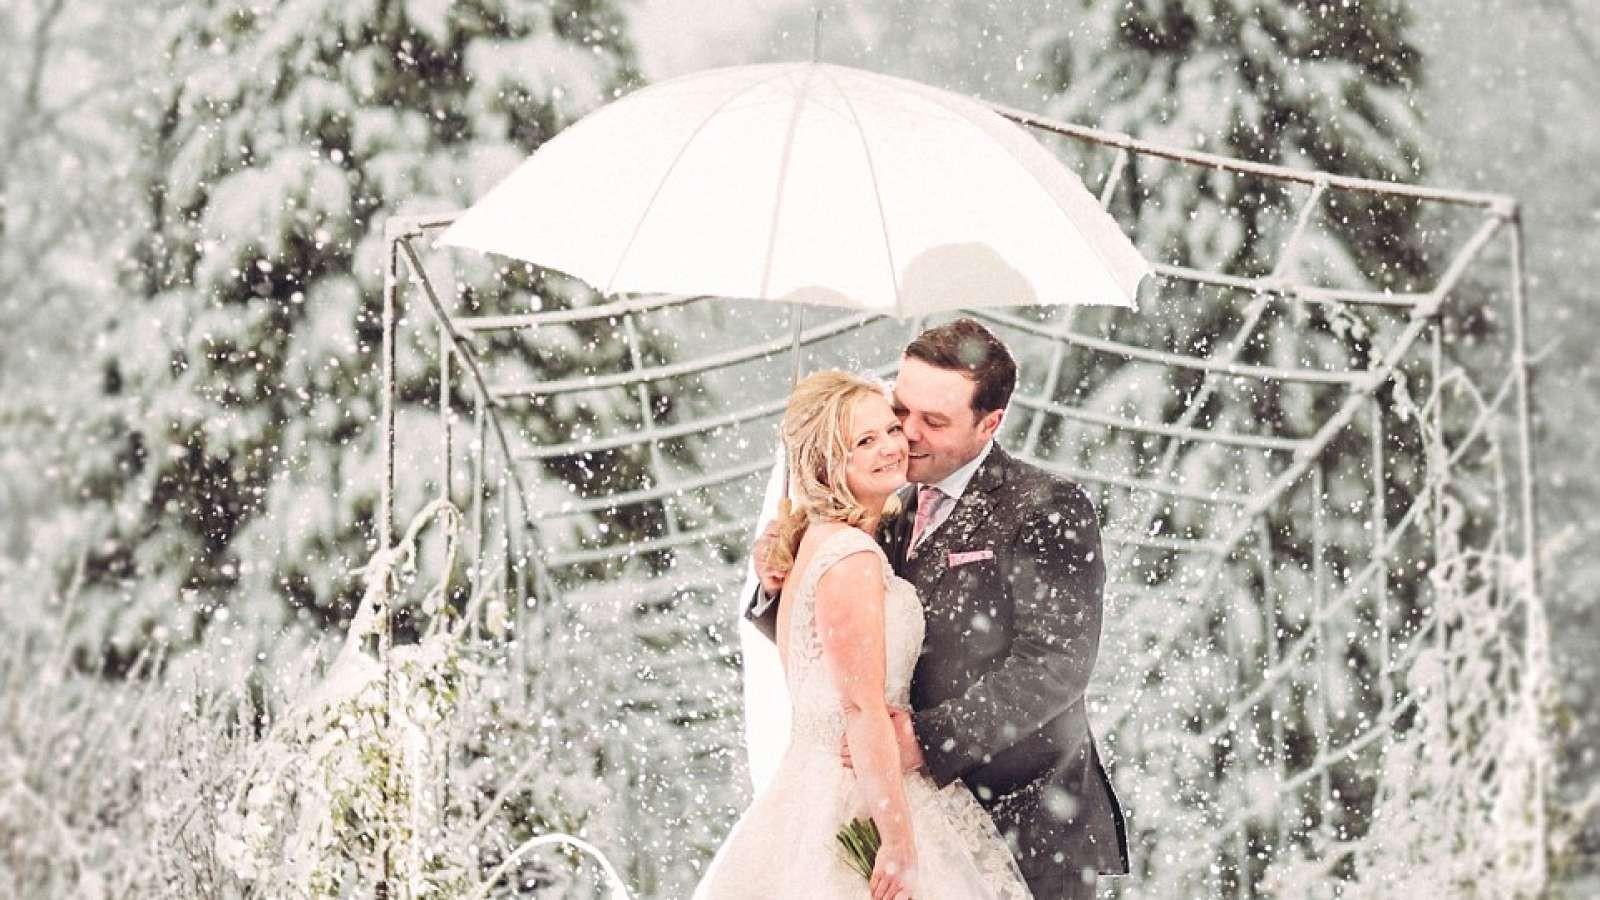 صور الزفاف في الشتاء